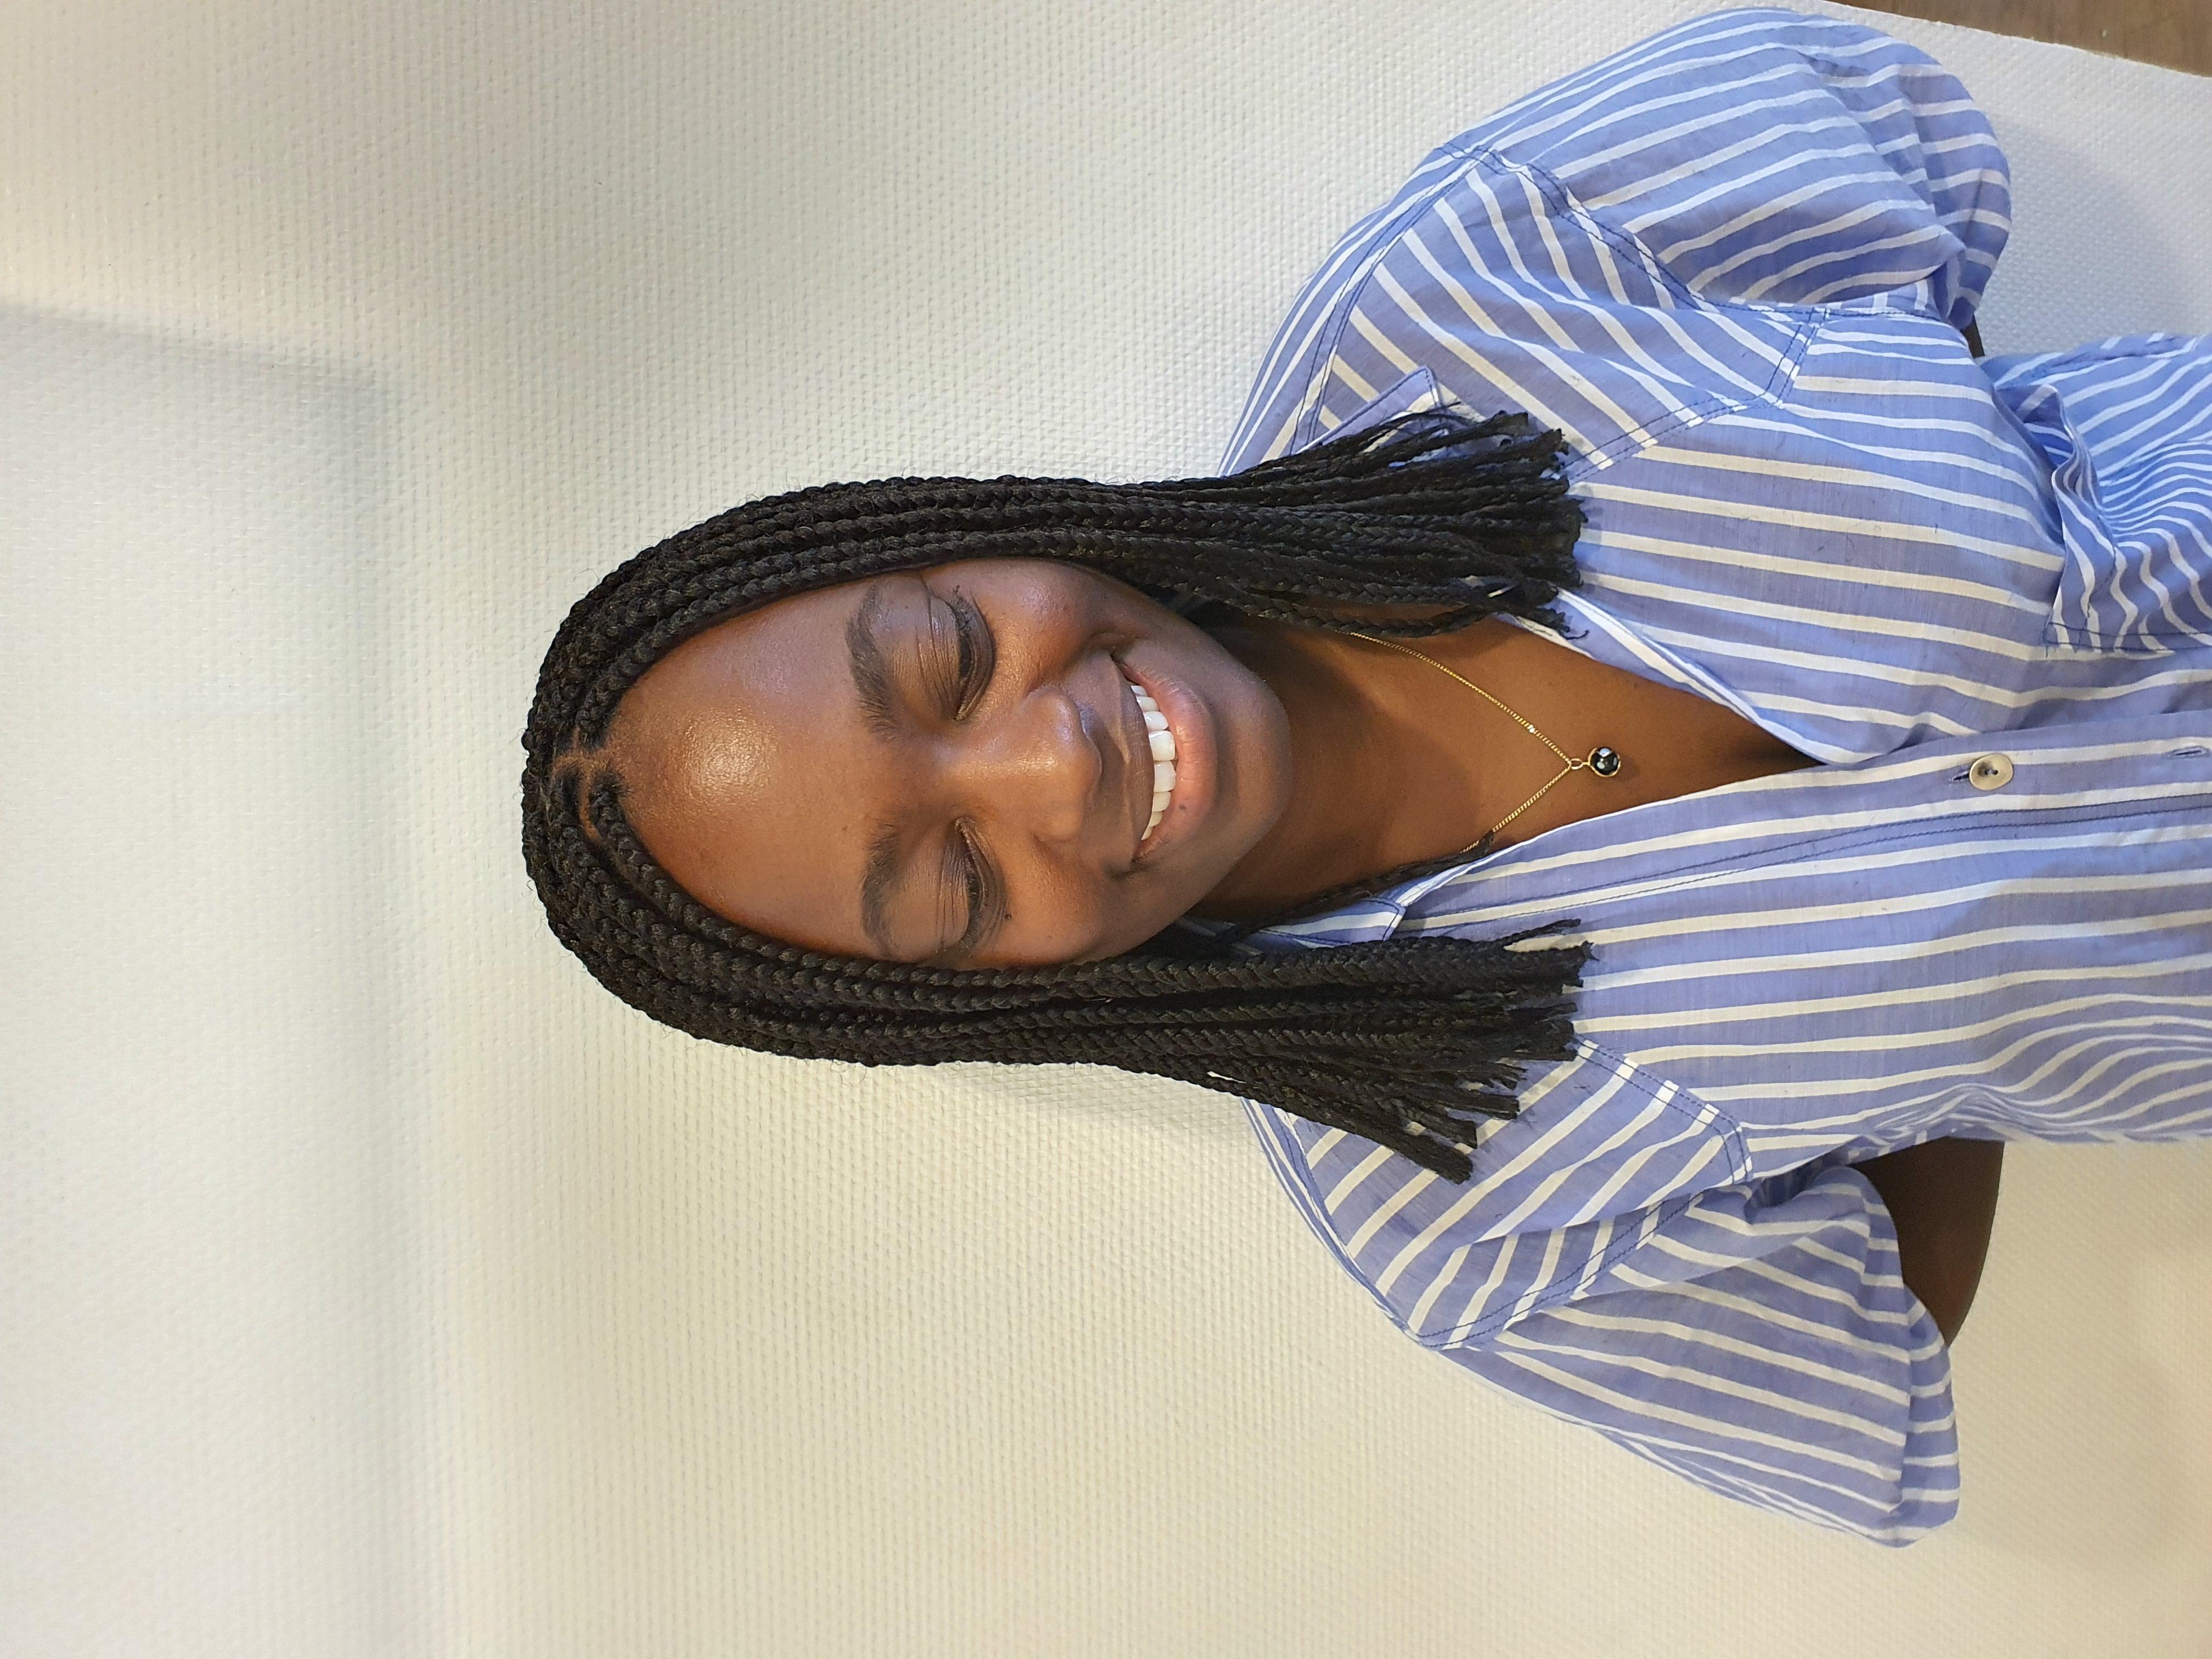 salon de coiffure afro tresse tresses box braids crochet braids vanilles tissages paris 75 77 78 91 92 93 94 95 XTCMGMYX